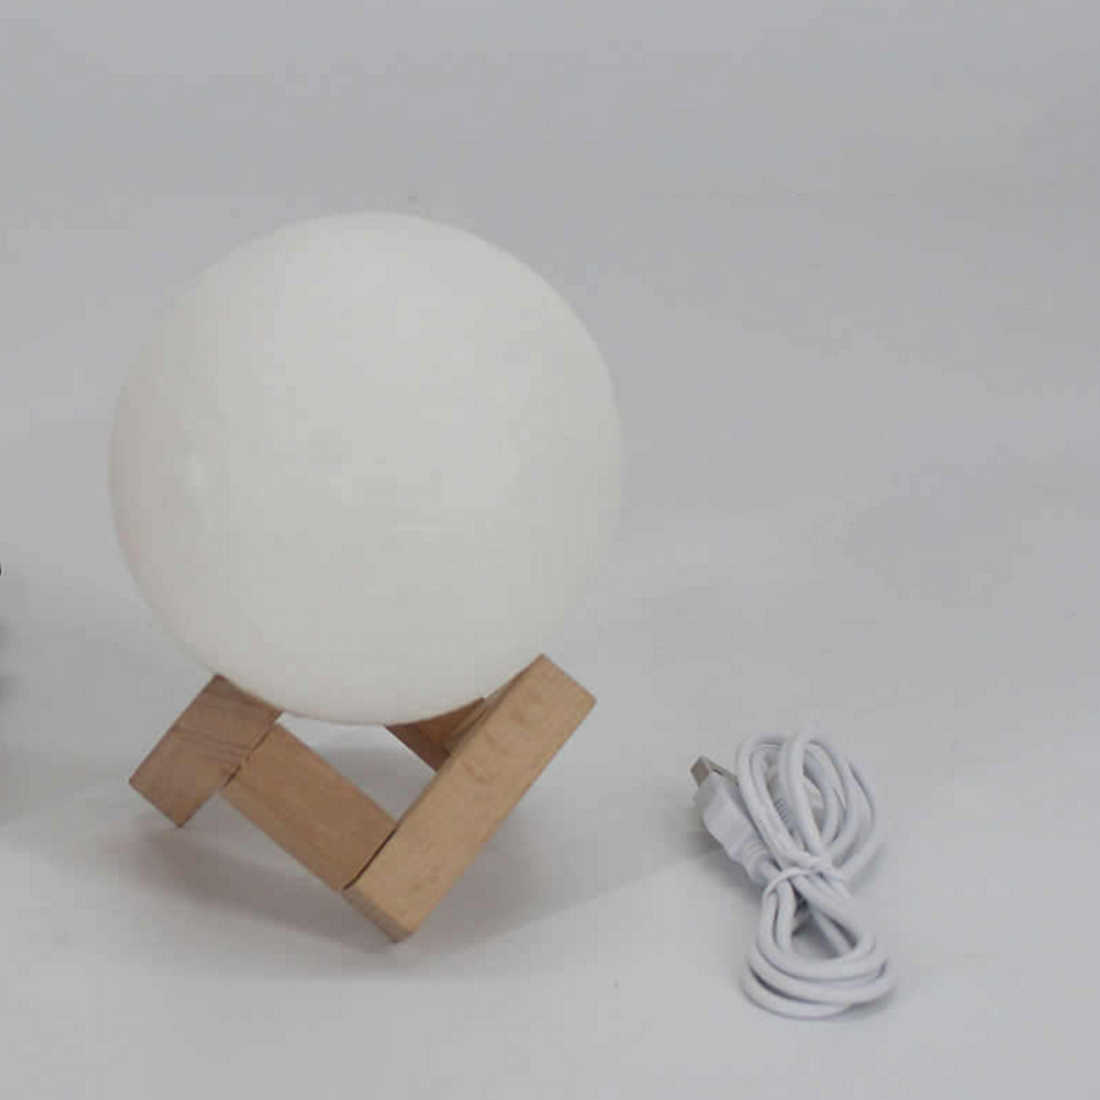 1 шт. 8 см-20 см перезаряжаемая 3D лампа с принтом Луны 2 цвета Изменение сенсорный выключатель спальня книжный шкаф ночник домашний декор креативный подарок